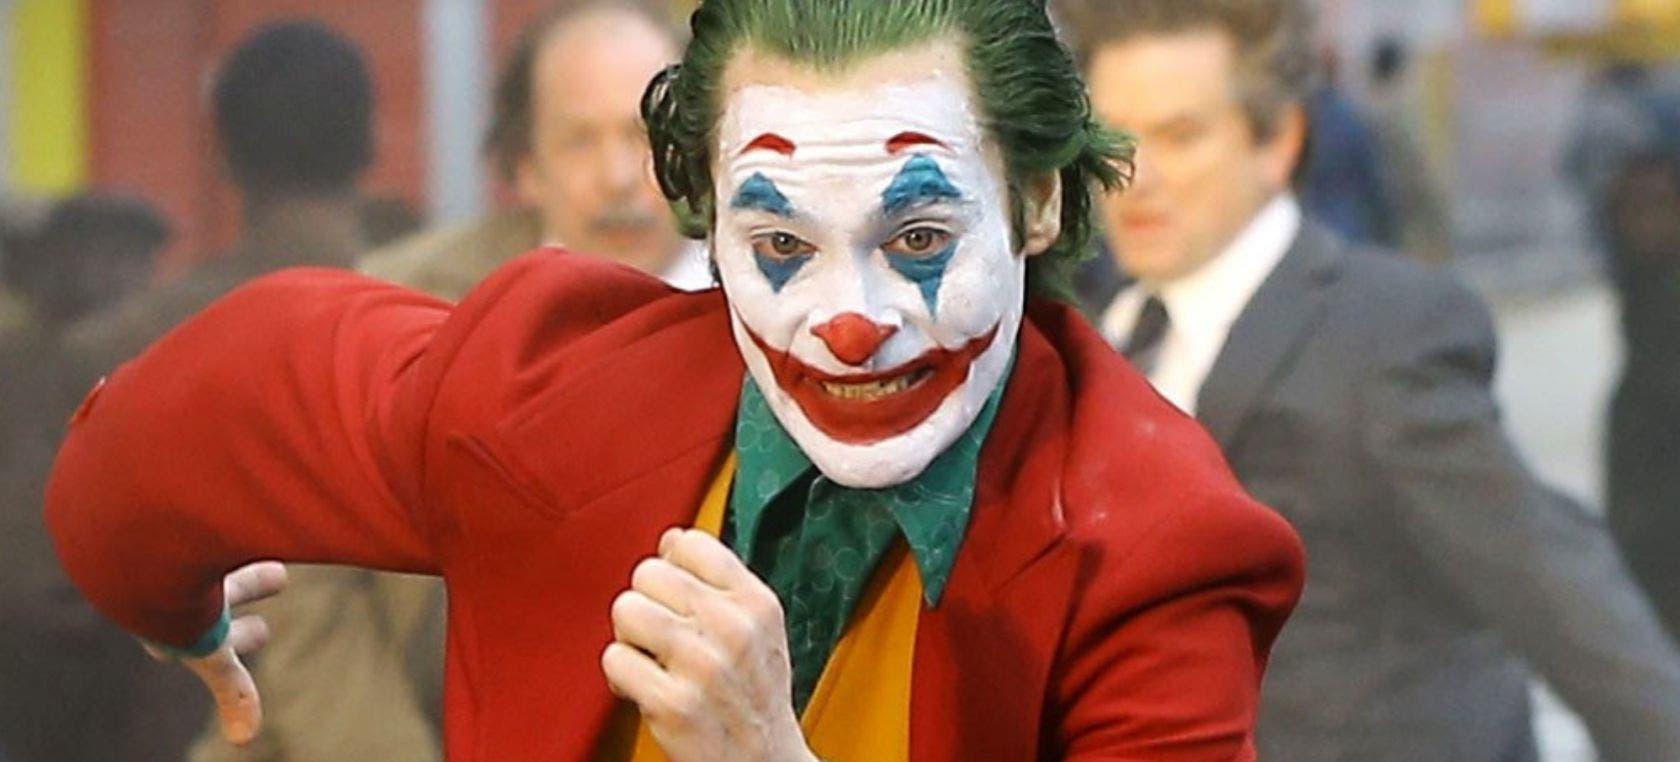 Imagen de El primer montaje de Joker duraba media hora más que el corte final